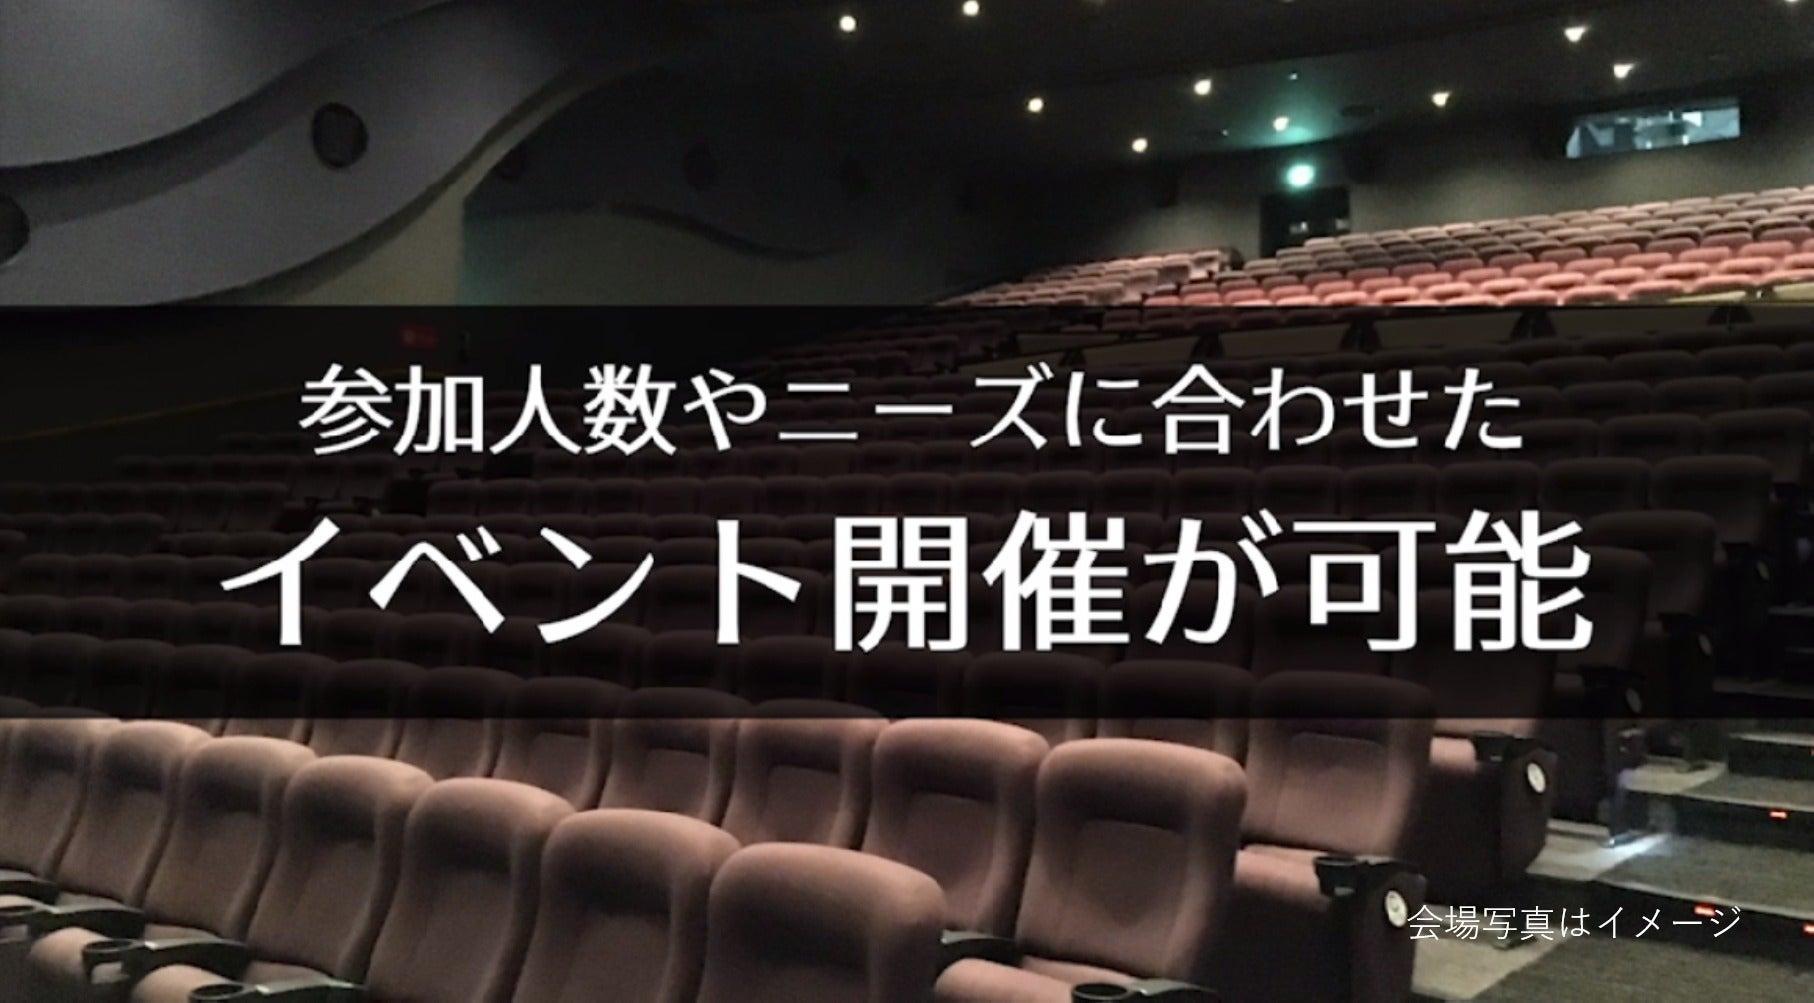 【幕張 113席】映画館で、会社説明会、株主総会、講演会の企画はいかがですか?(シネプレックス幕張) の写真0